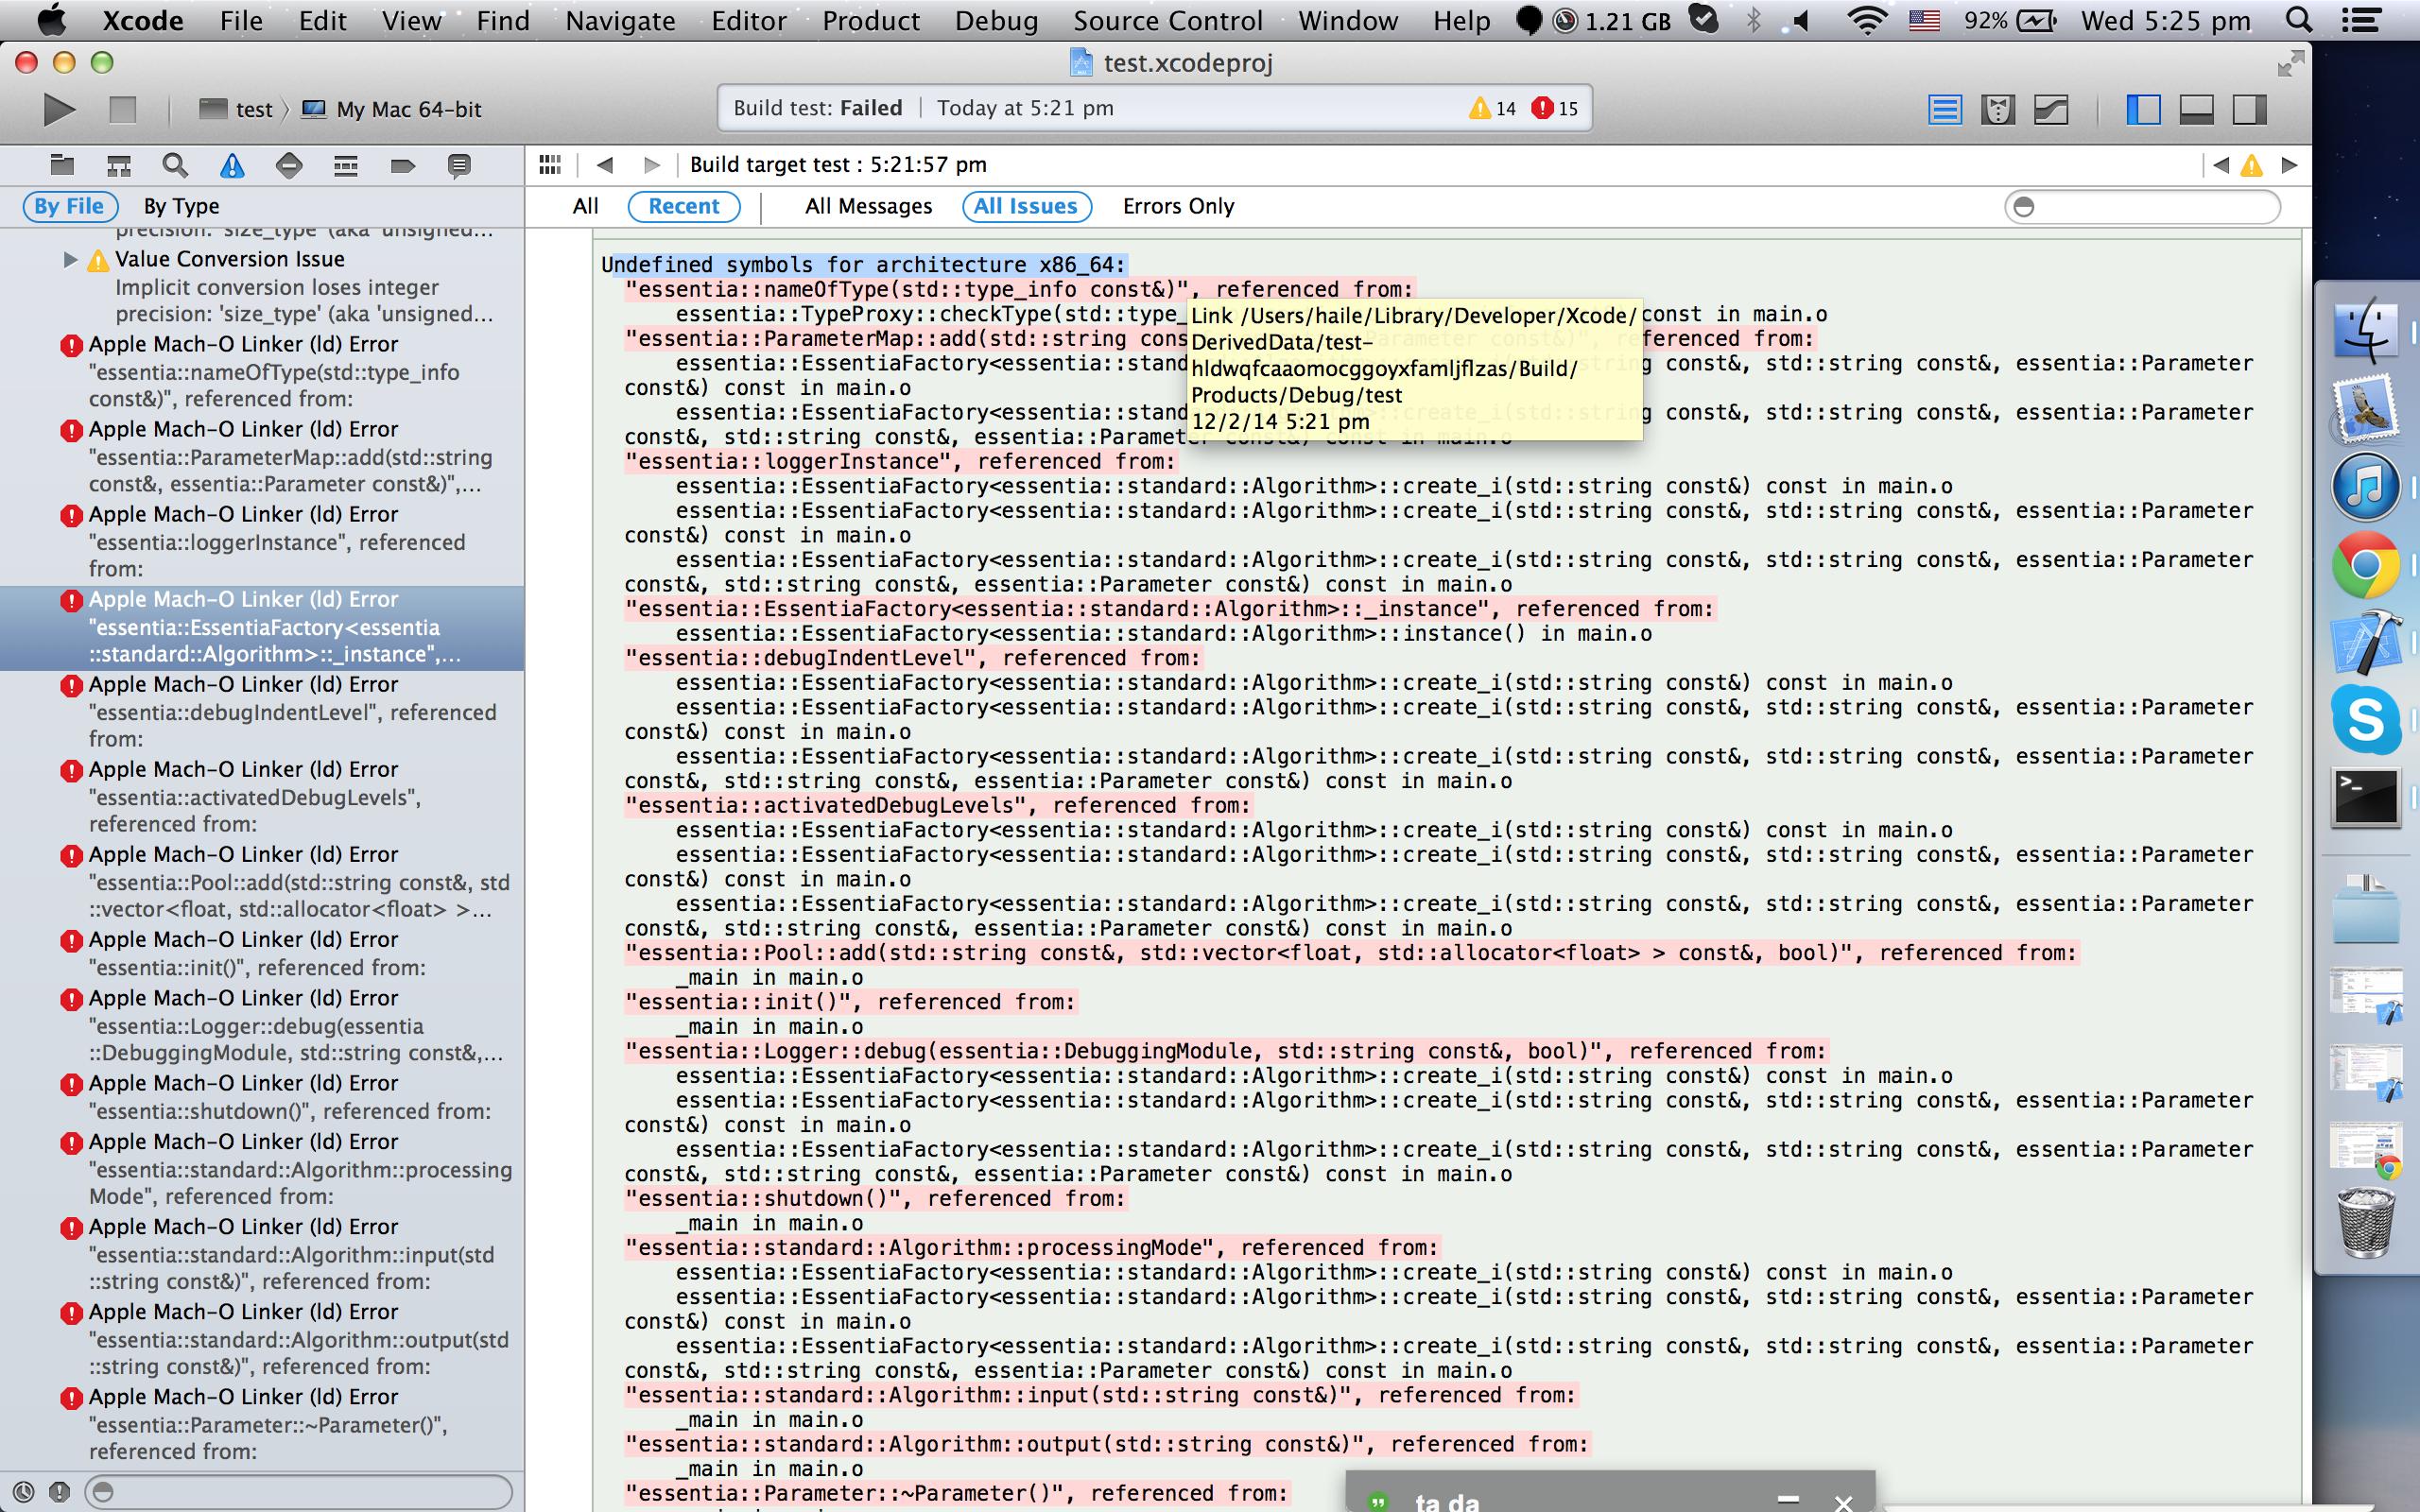 screen shot 2014-02-12 at 5 25 13 pm